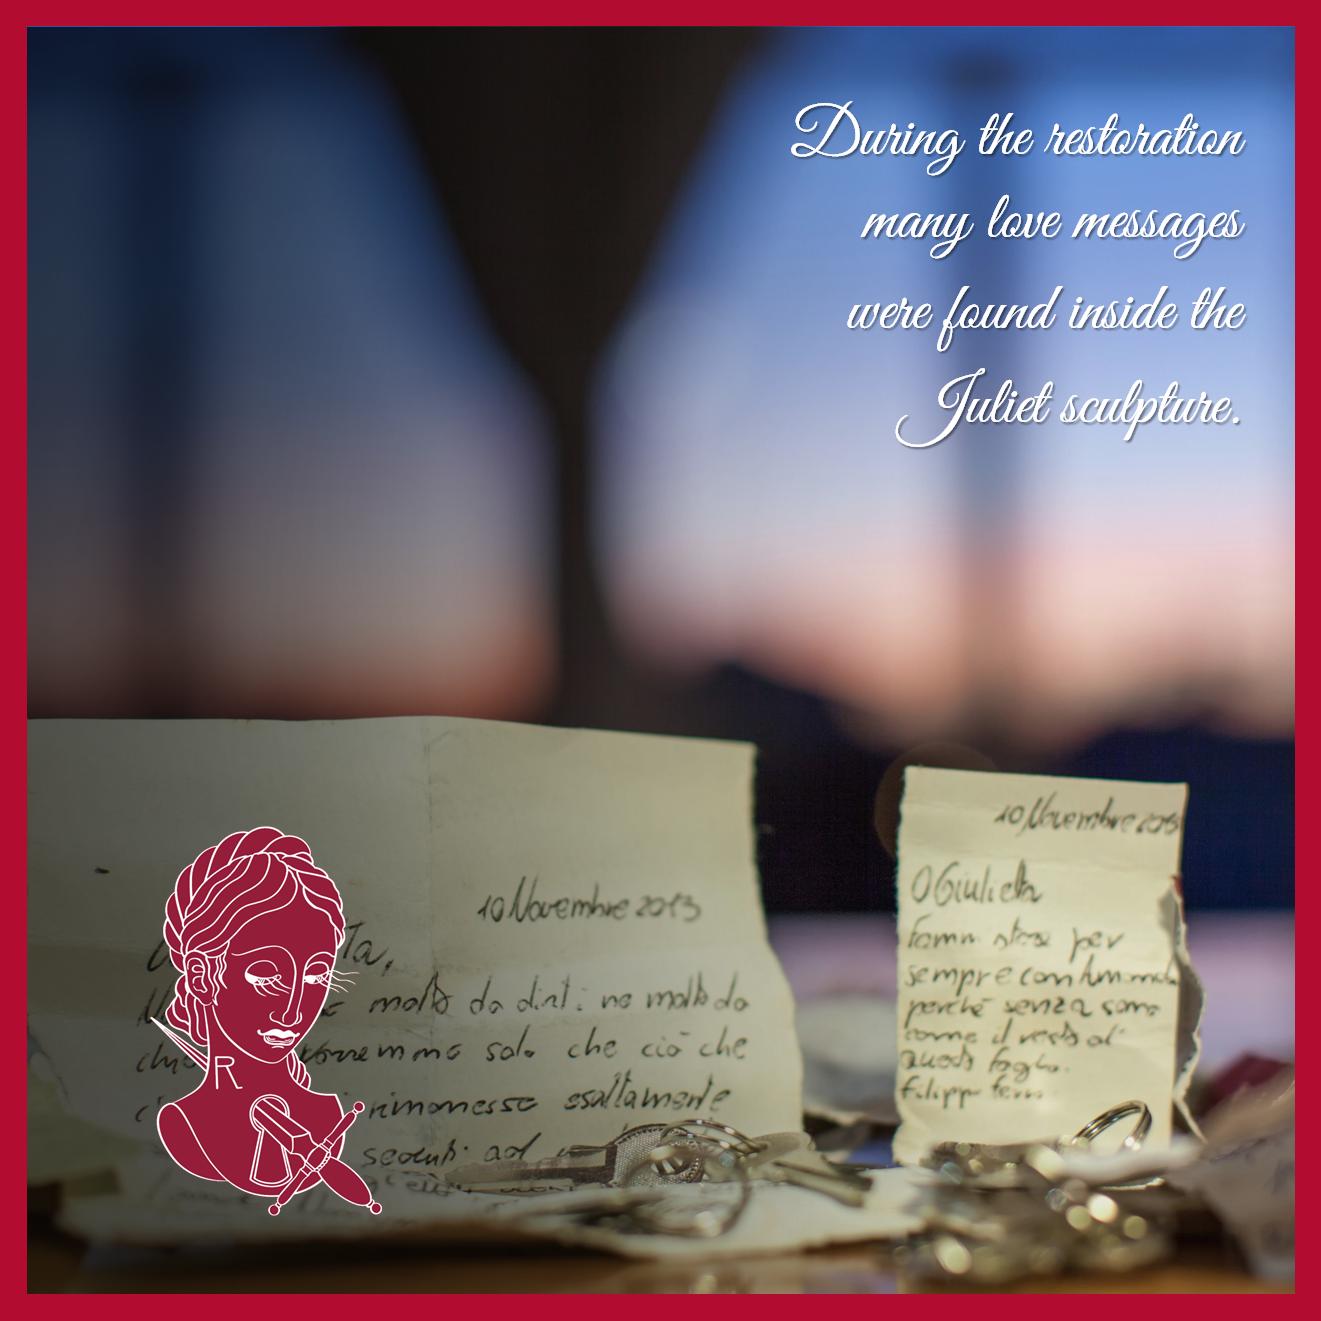 Durante il restauro diversi messaggi d'amore sono stati ritrovati dentro la scultura di Giulietta. @julietsecrets #julietsecrets #casadigiulietta #juliethouse #lovers